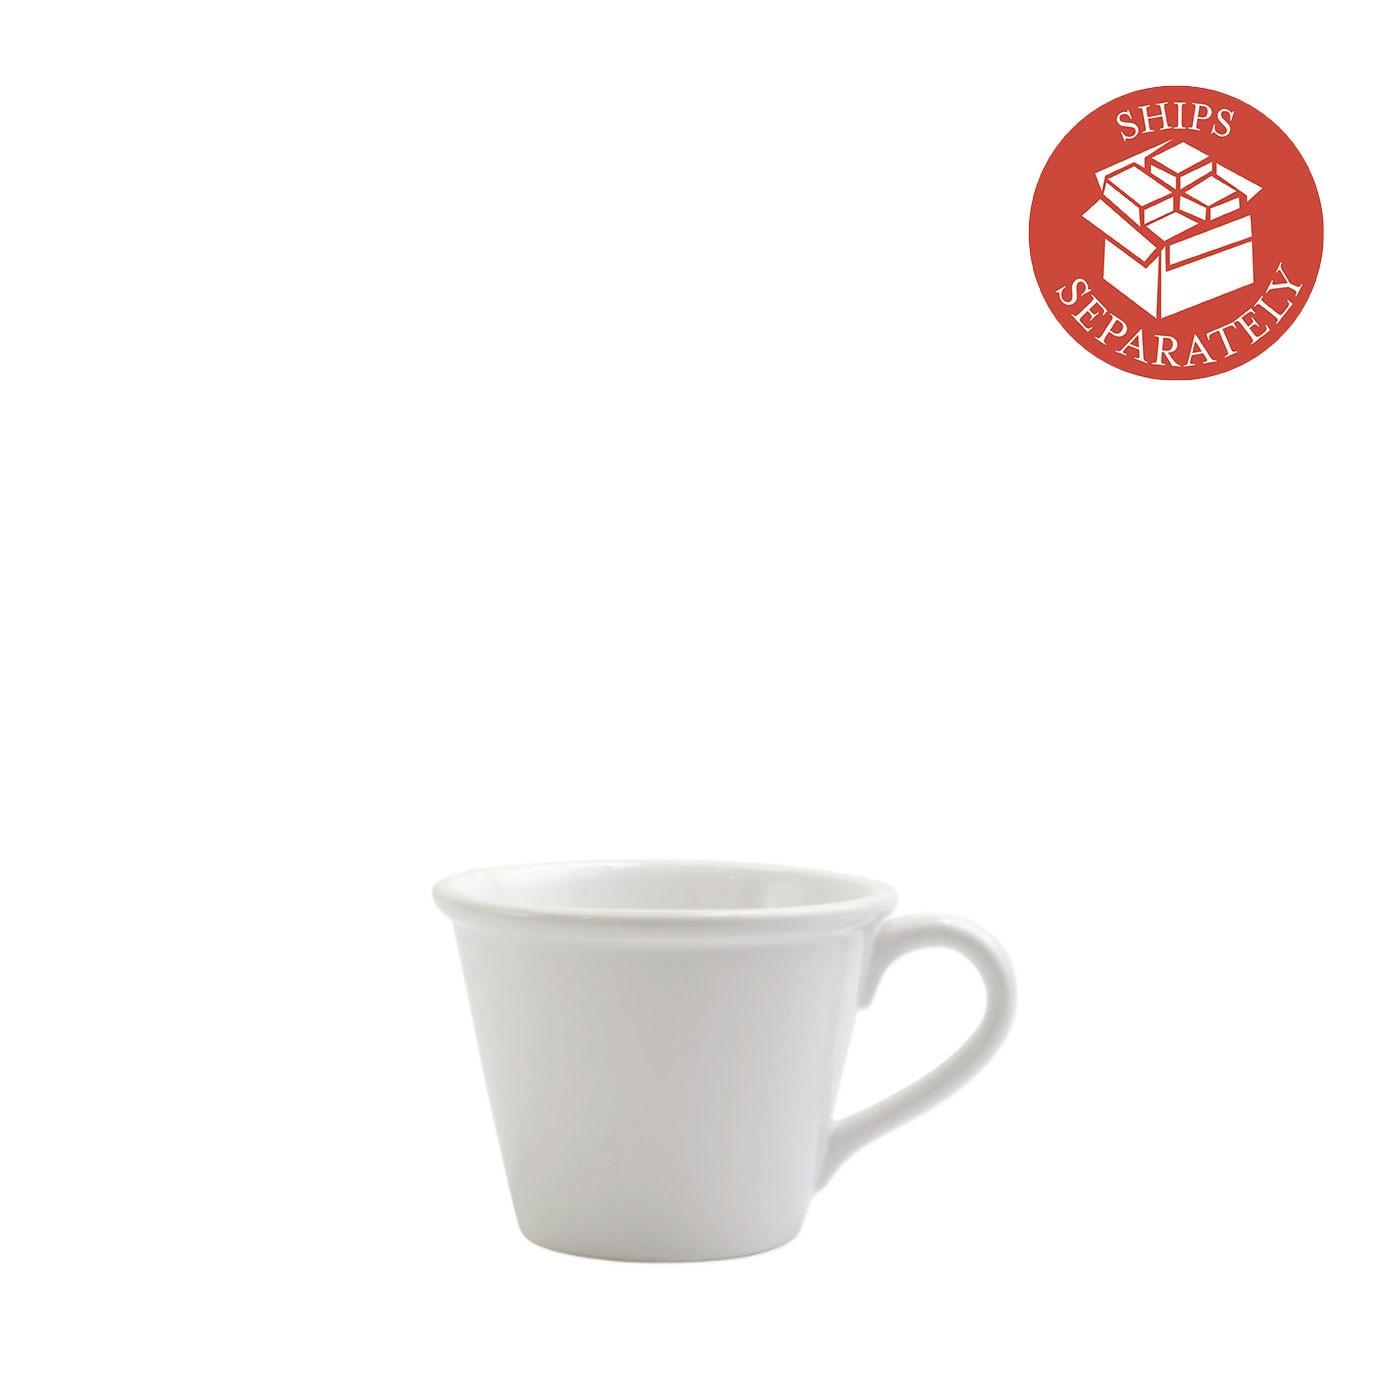 Chroma Light Gray Mug - Vietri | Eataly.com